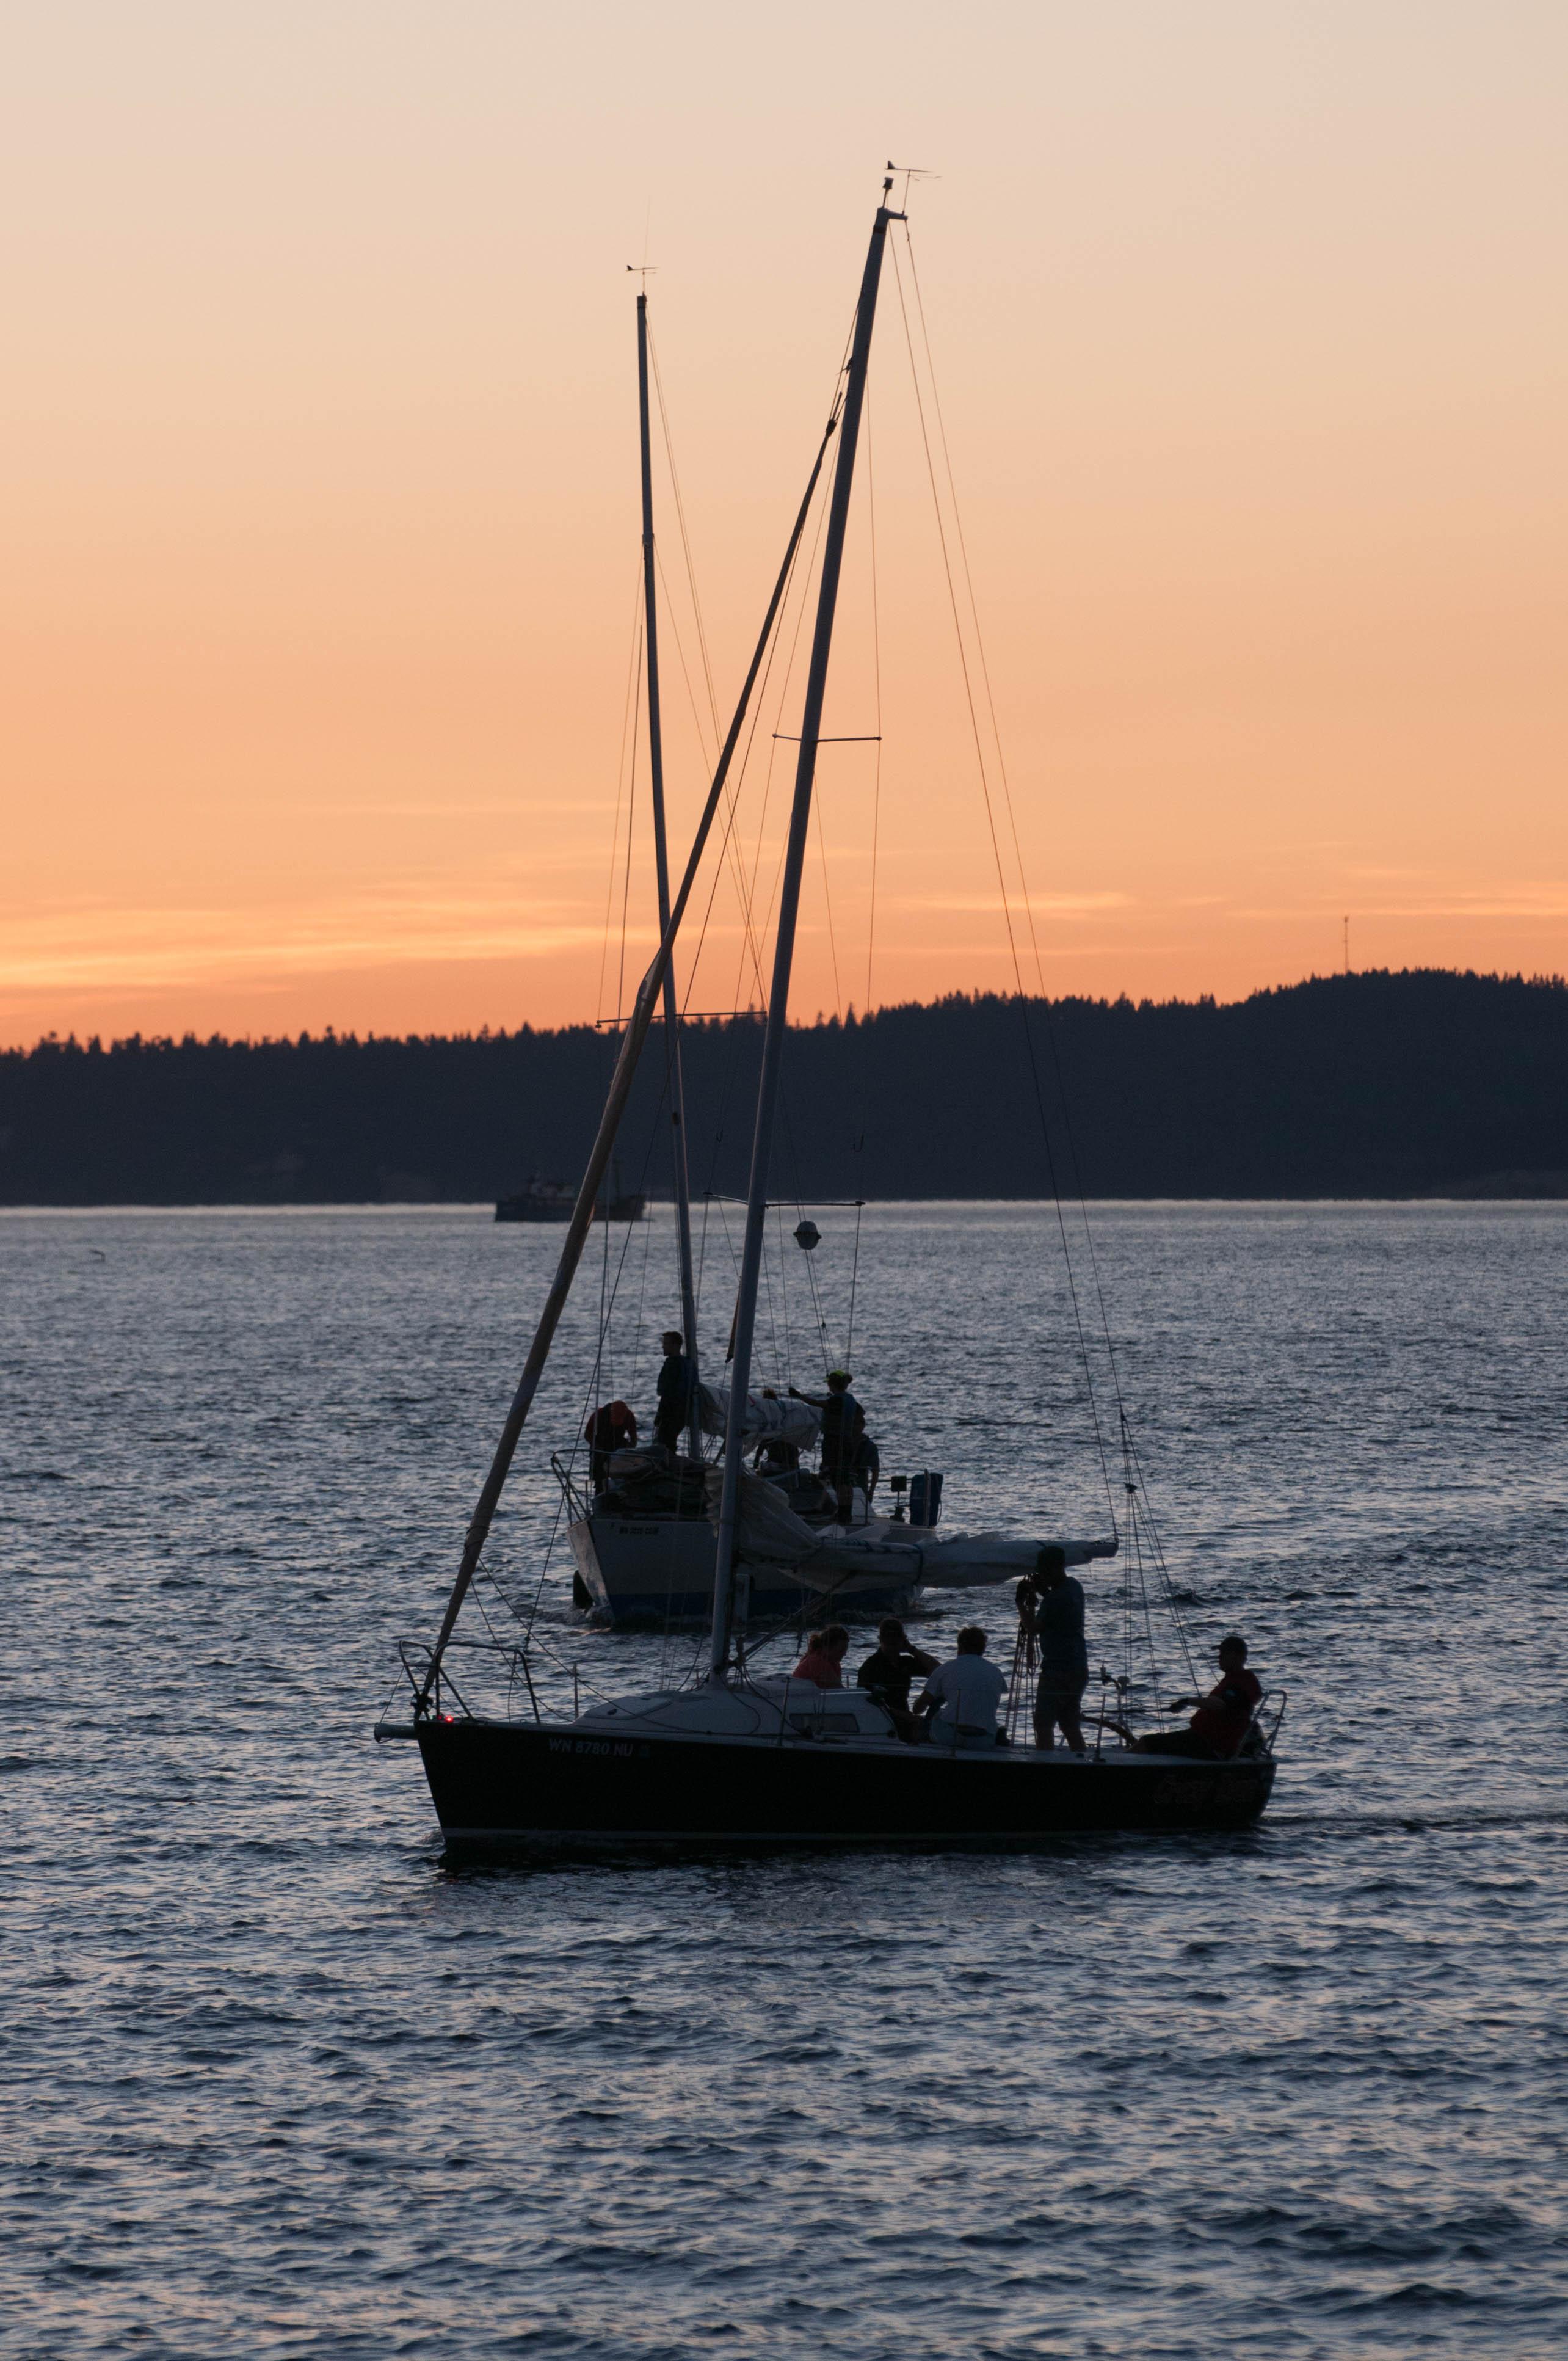 Sail boat Seattle Sunset